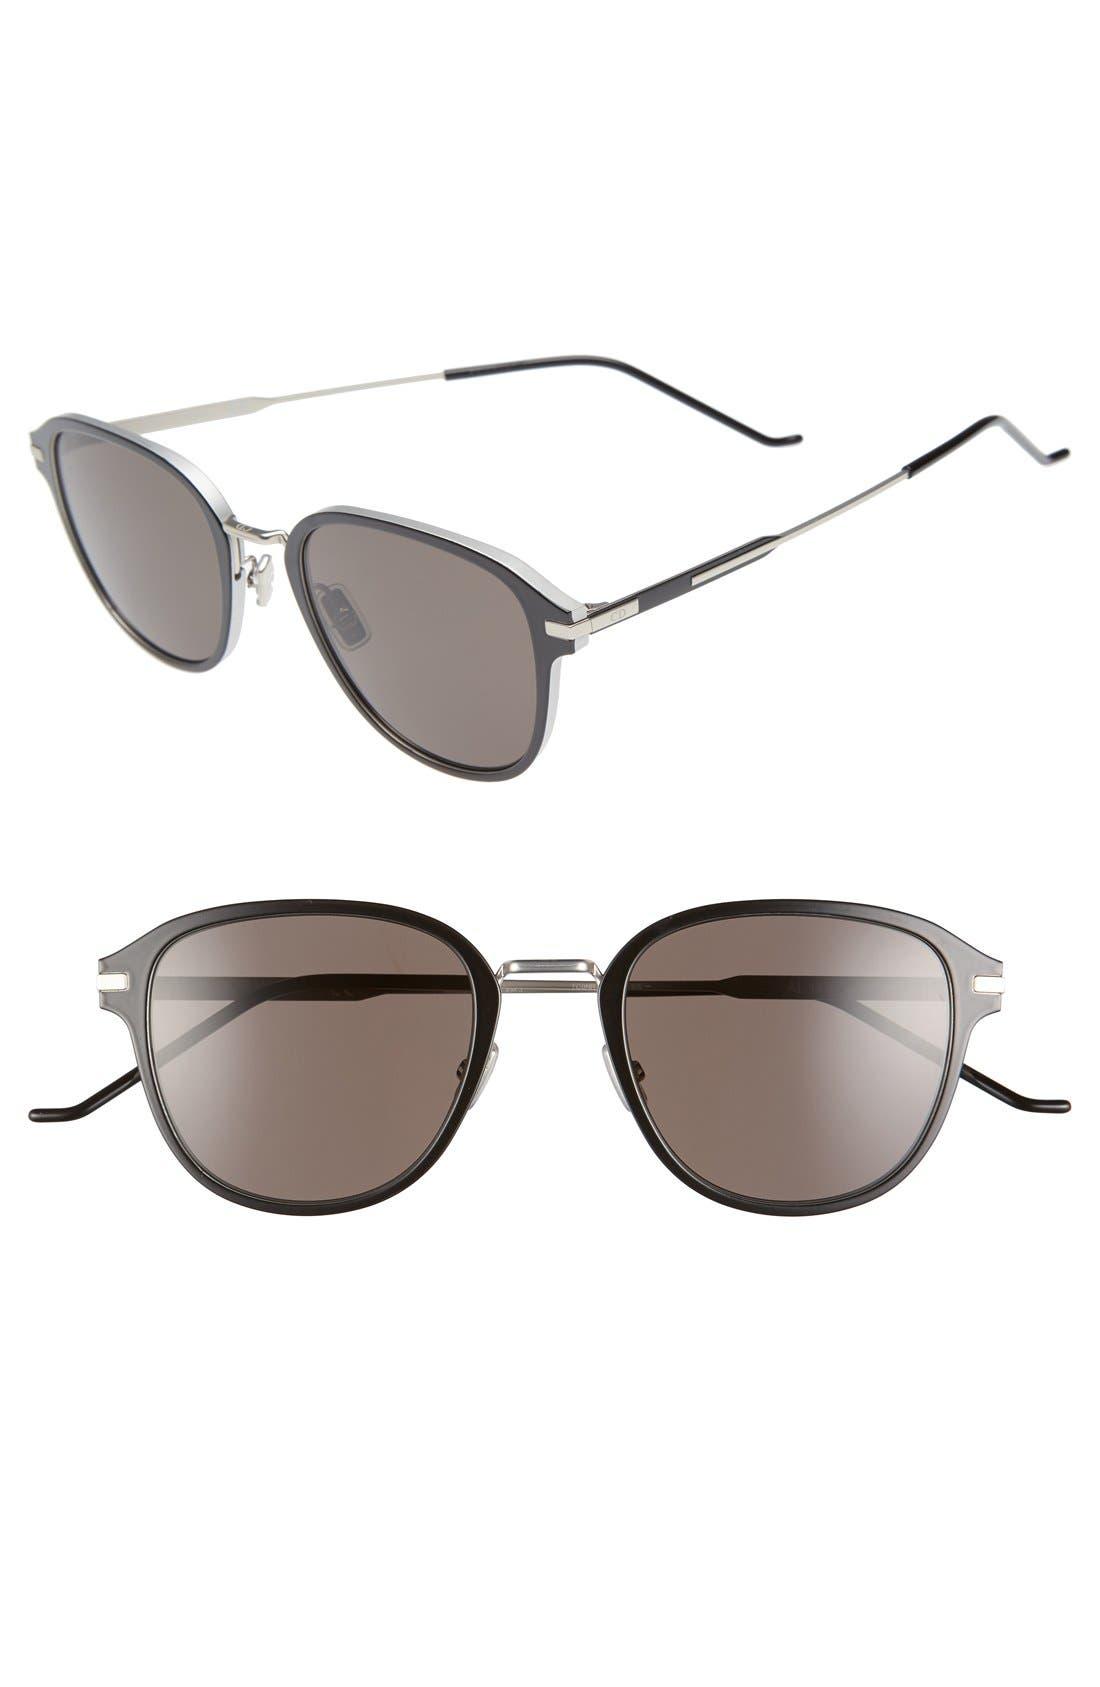 55mm Wire Sunglasses,                         Main,                         color, METALLIC SILVER/ BLACK